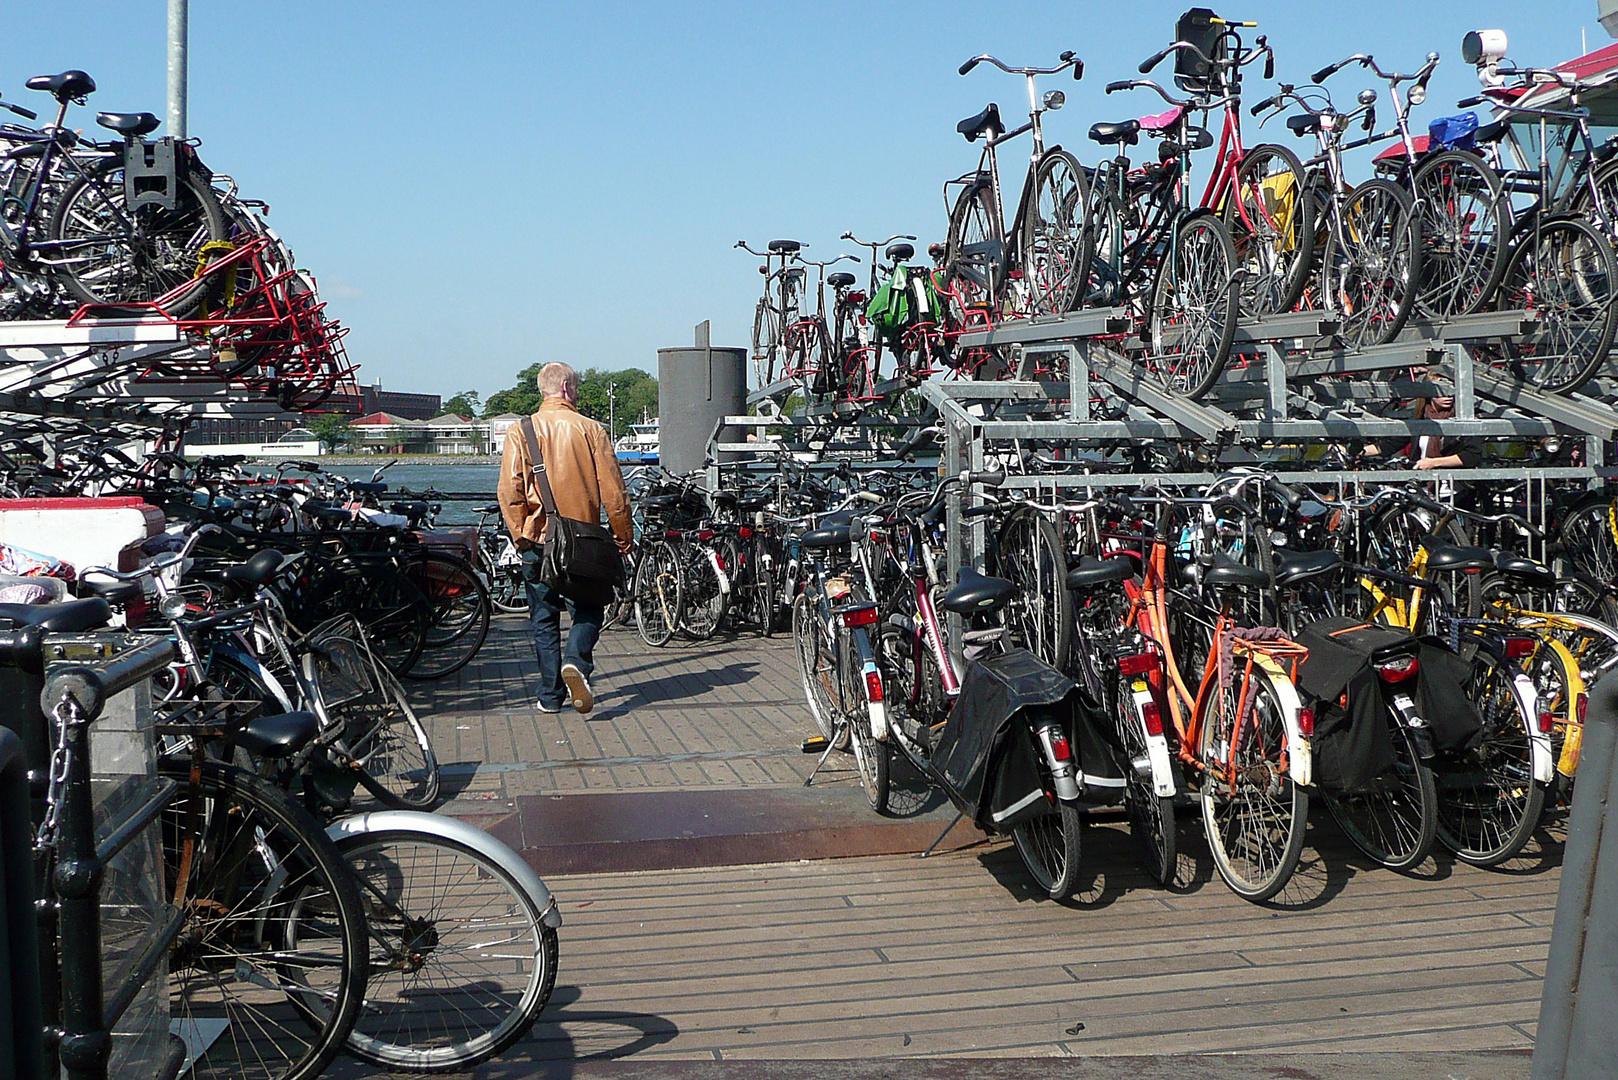 amsterdam und seine fahrr der parkplatznot foto bild. Black Bedroom Furniture Sets. Home Design Ideas